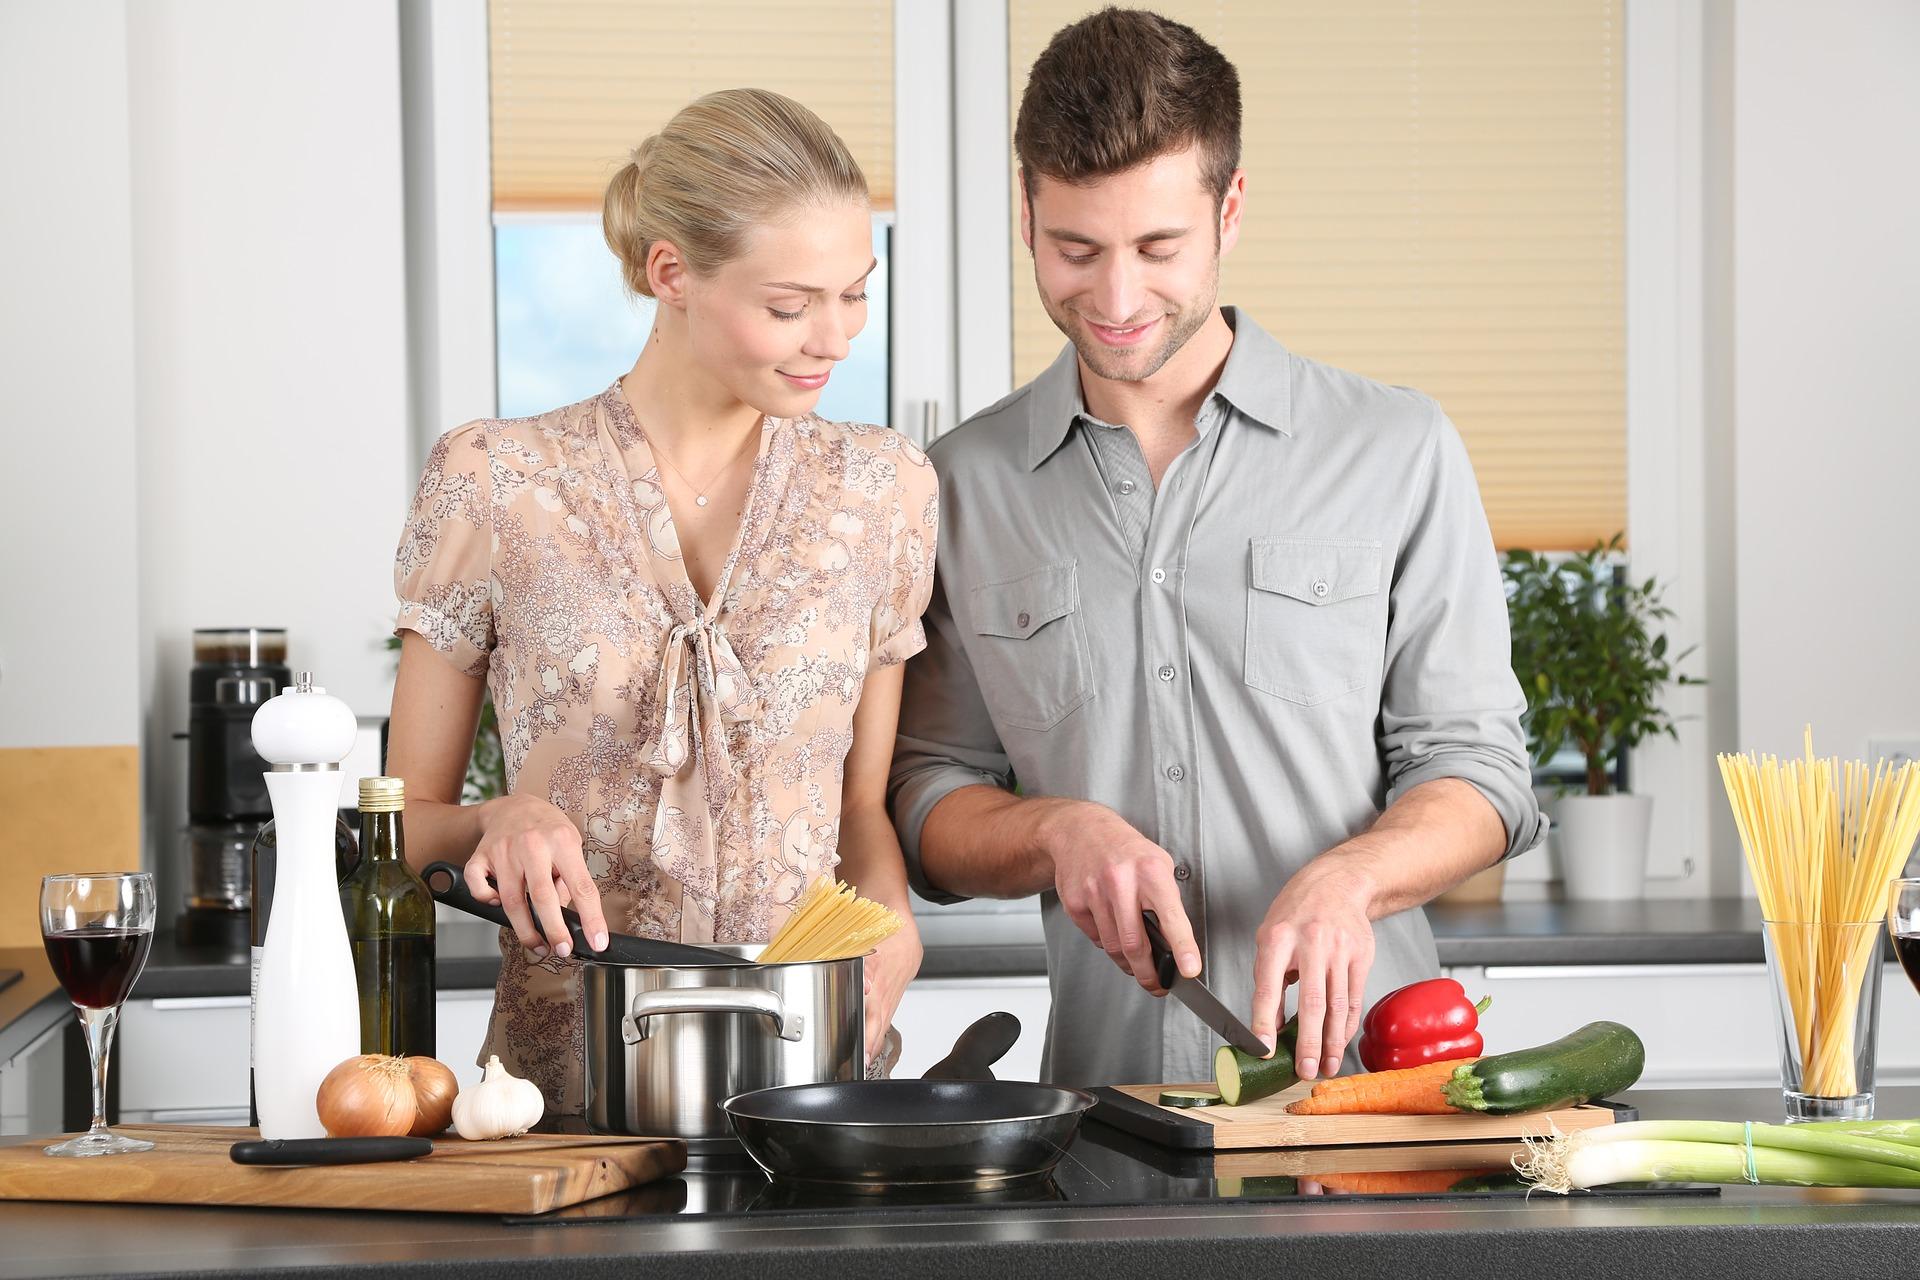 Produkujemy kuchnie z myślą o Tobie